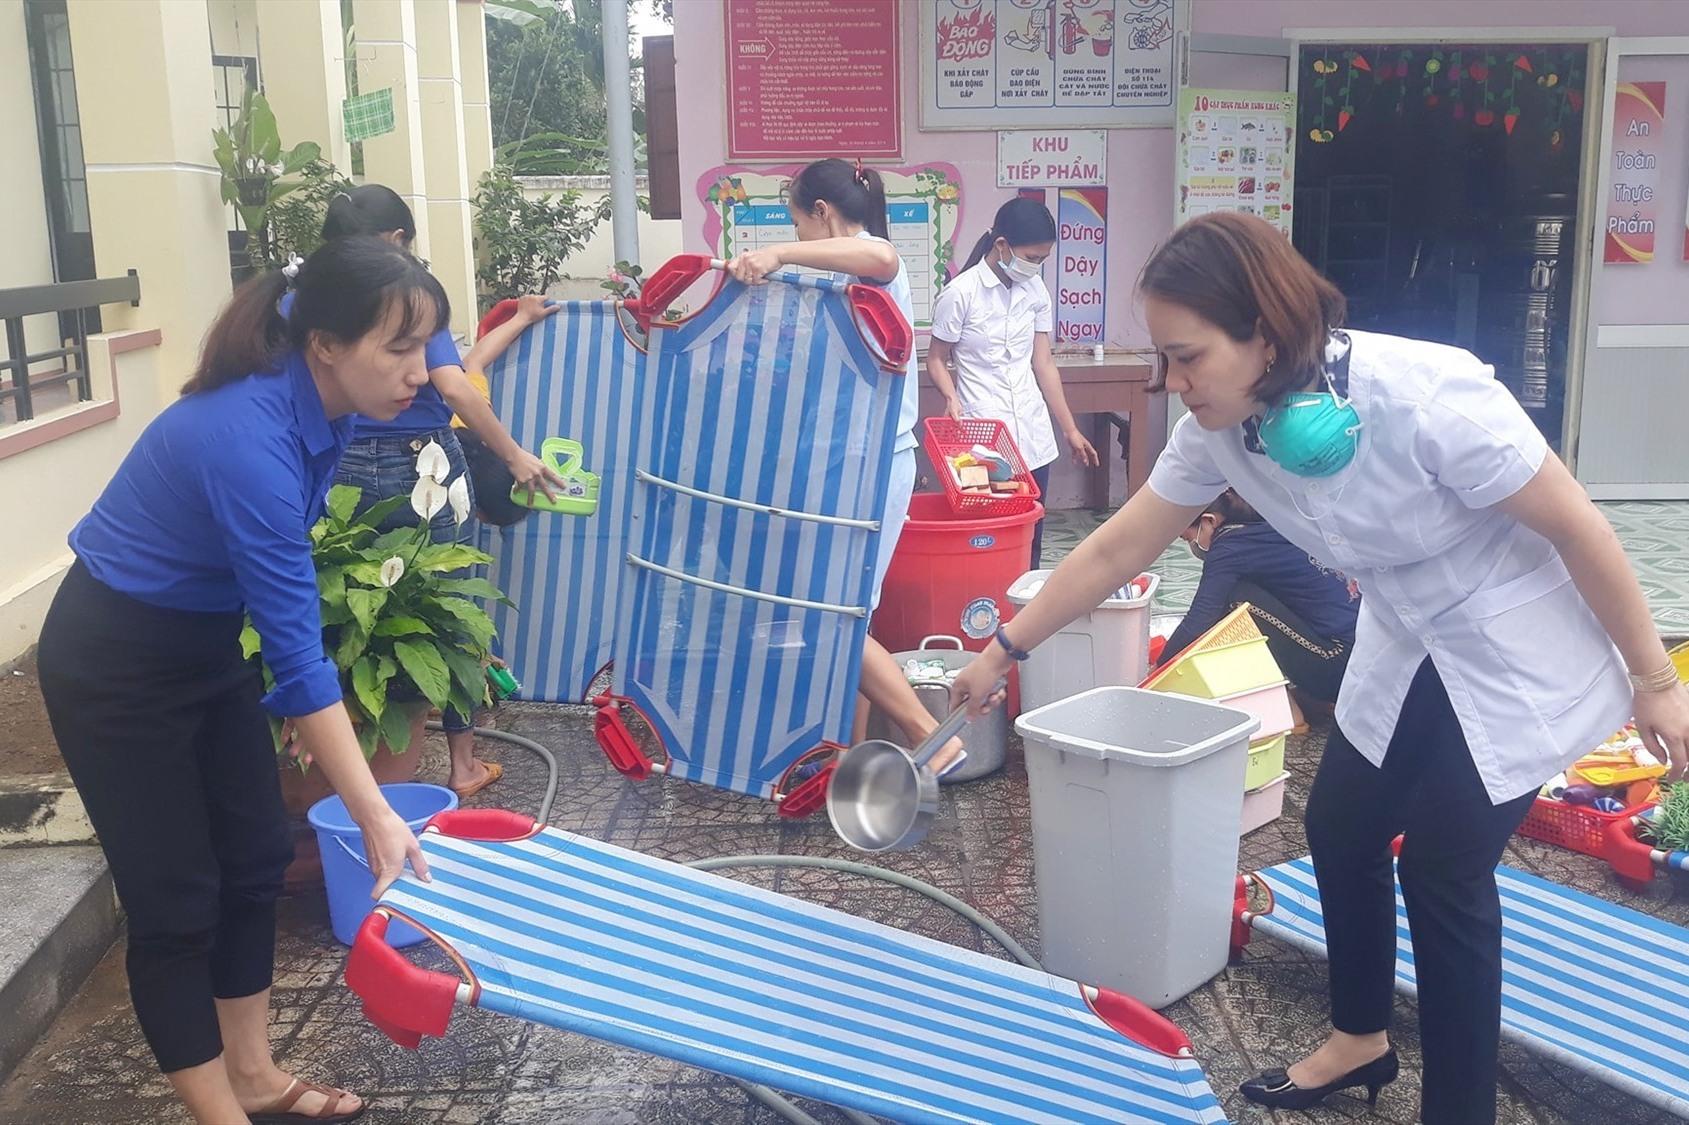 Thanh niên Đoàn xã Hiệp Thuận tham gia dọn vệ sinh, khử khuẩn tại trường mẫu giáo Hoa Anh Đào.